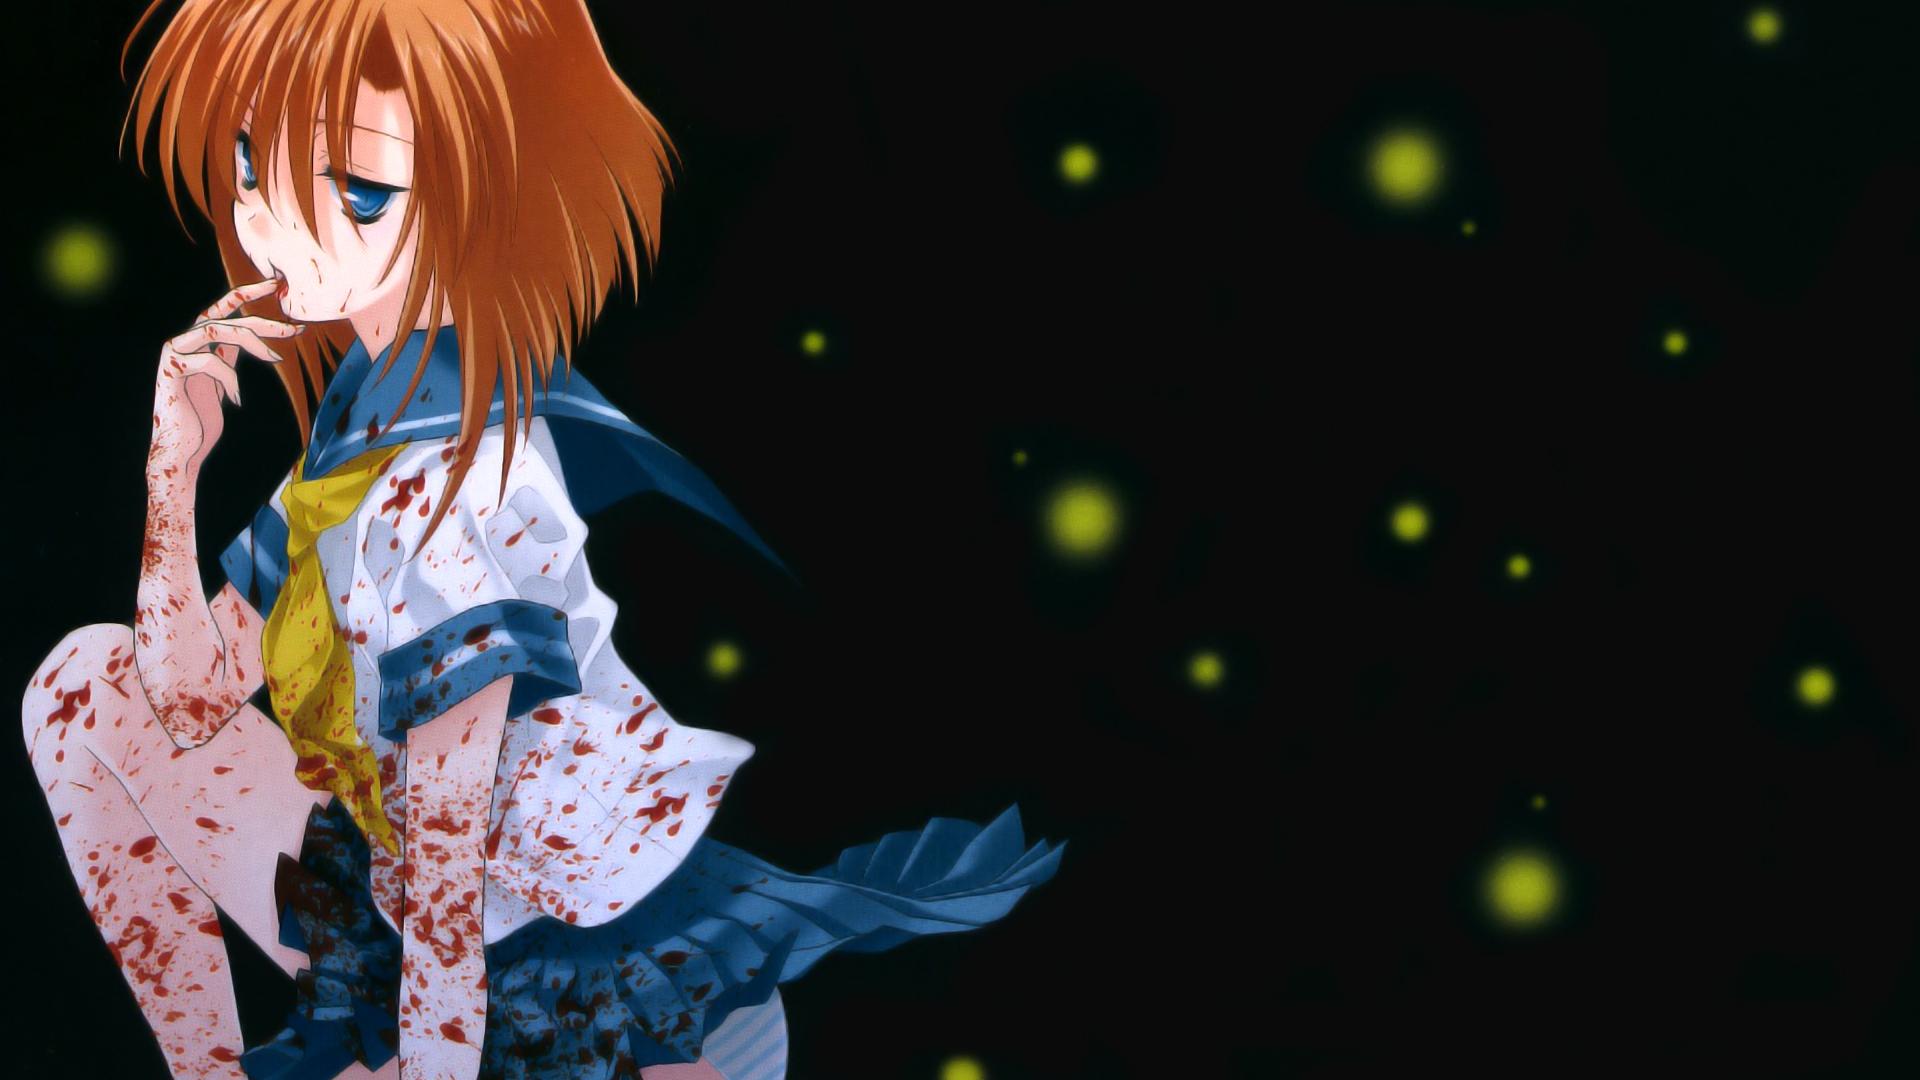 Blood Redheads School Uniforms Higurashi No Naku Koro Ni Free